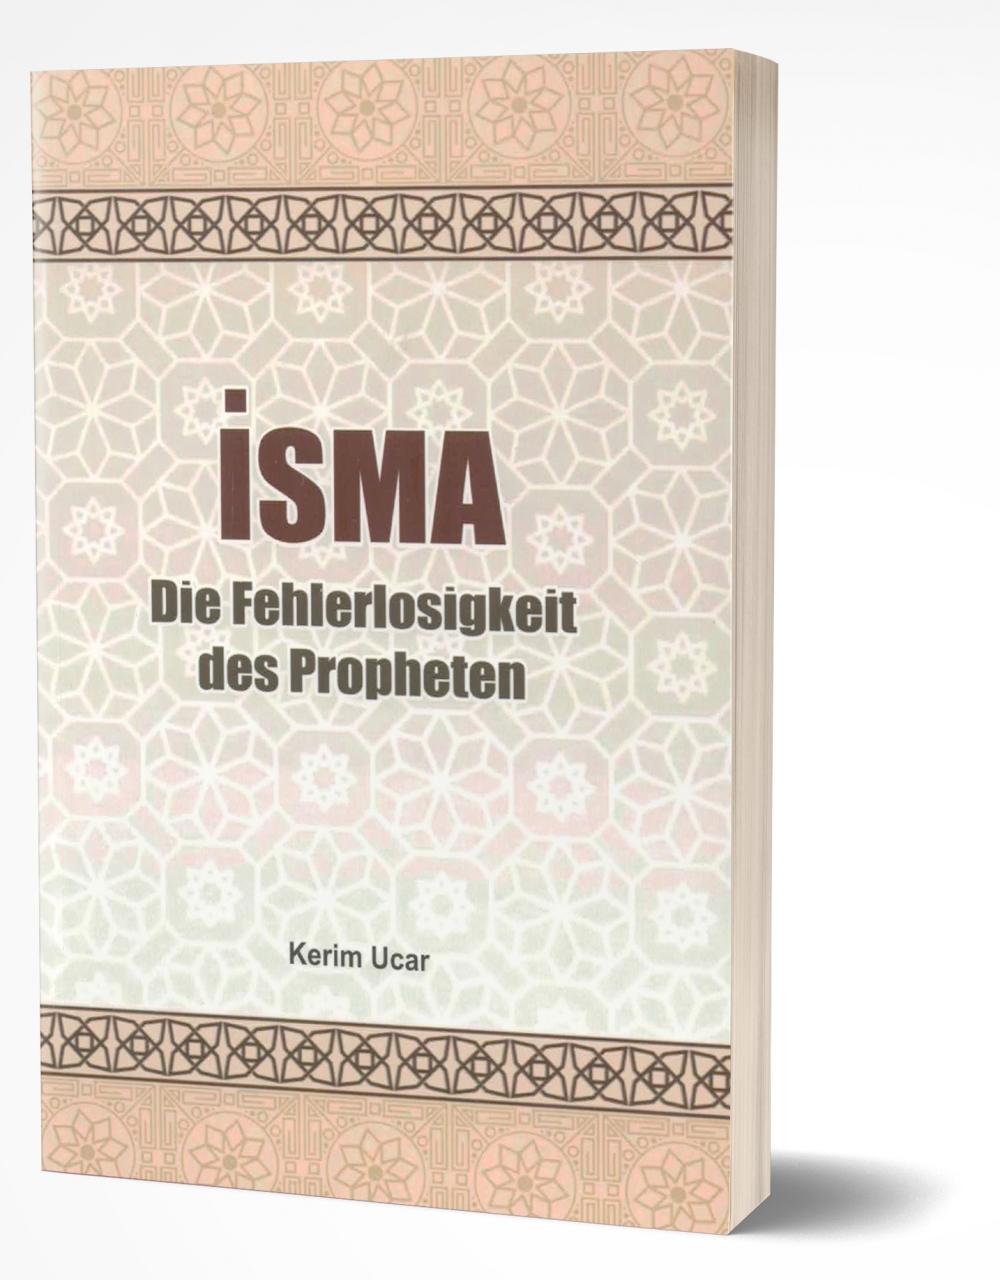 Die Fehlerlosigkeit der Propheten - Beweise aus dem Koran und Hadithe Deutsch Komplette Ausarbeitung